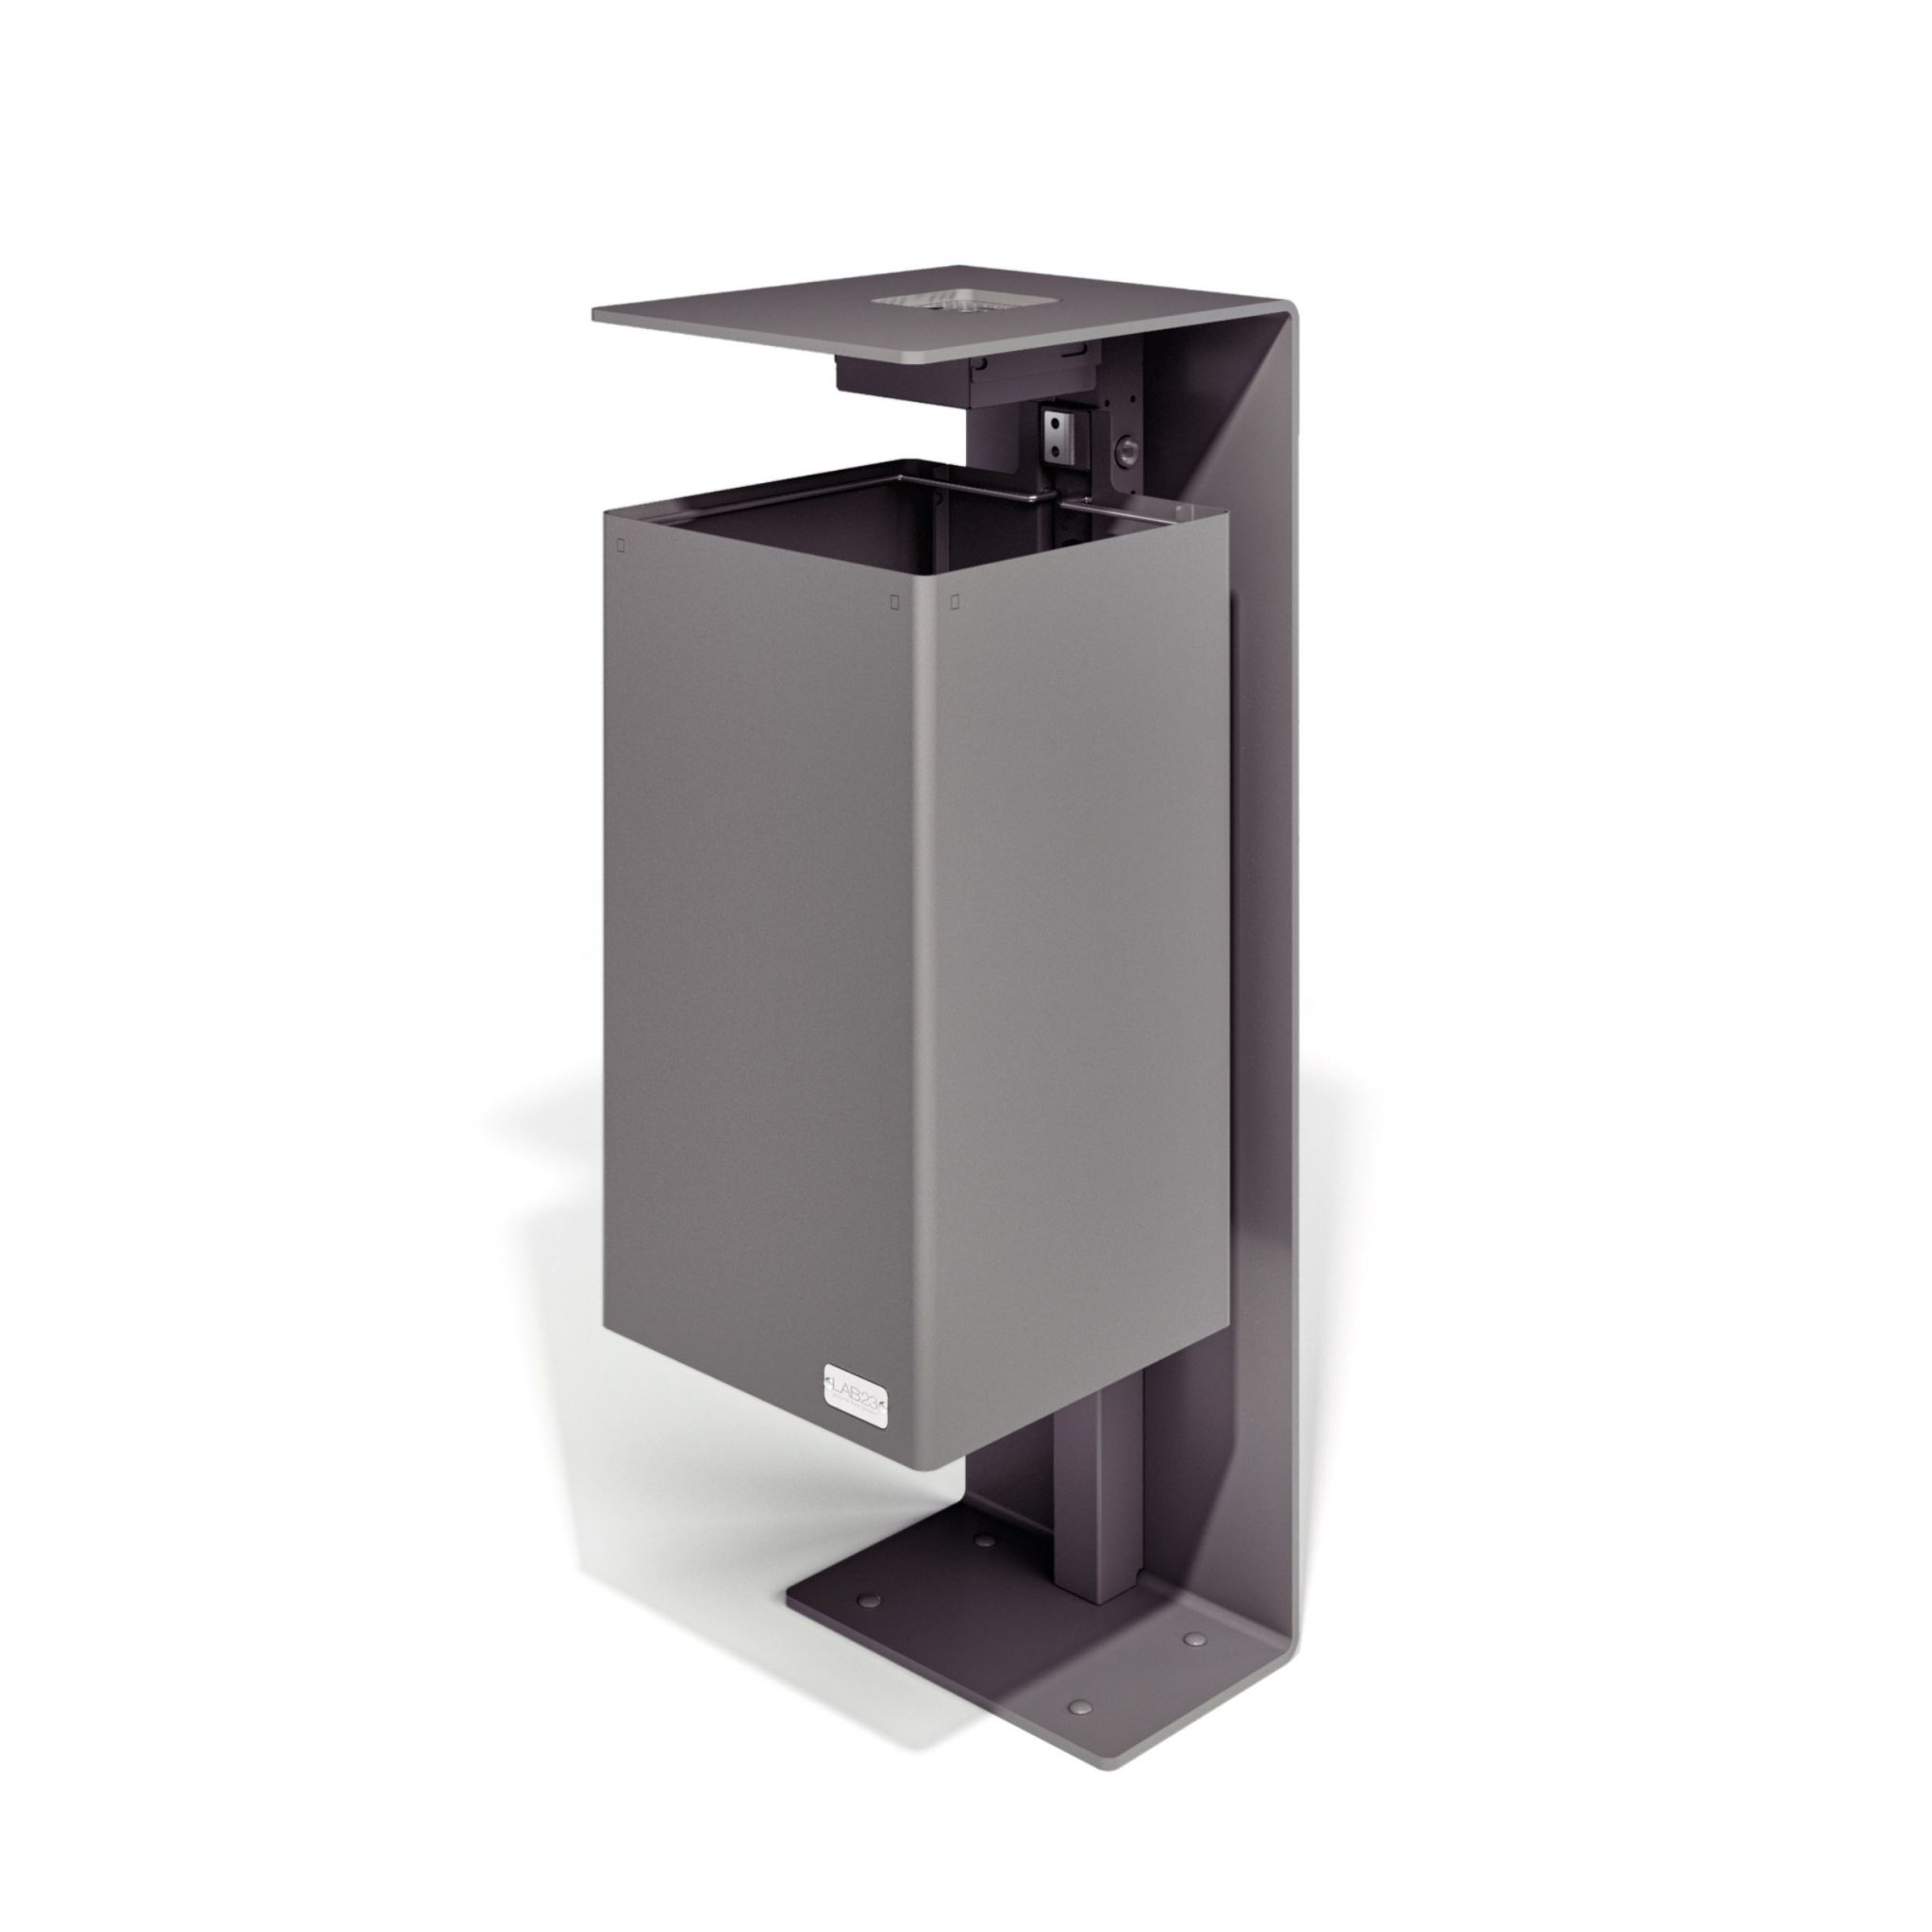 mobilier urbain corbeille avec cendrier LAB23